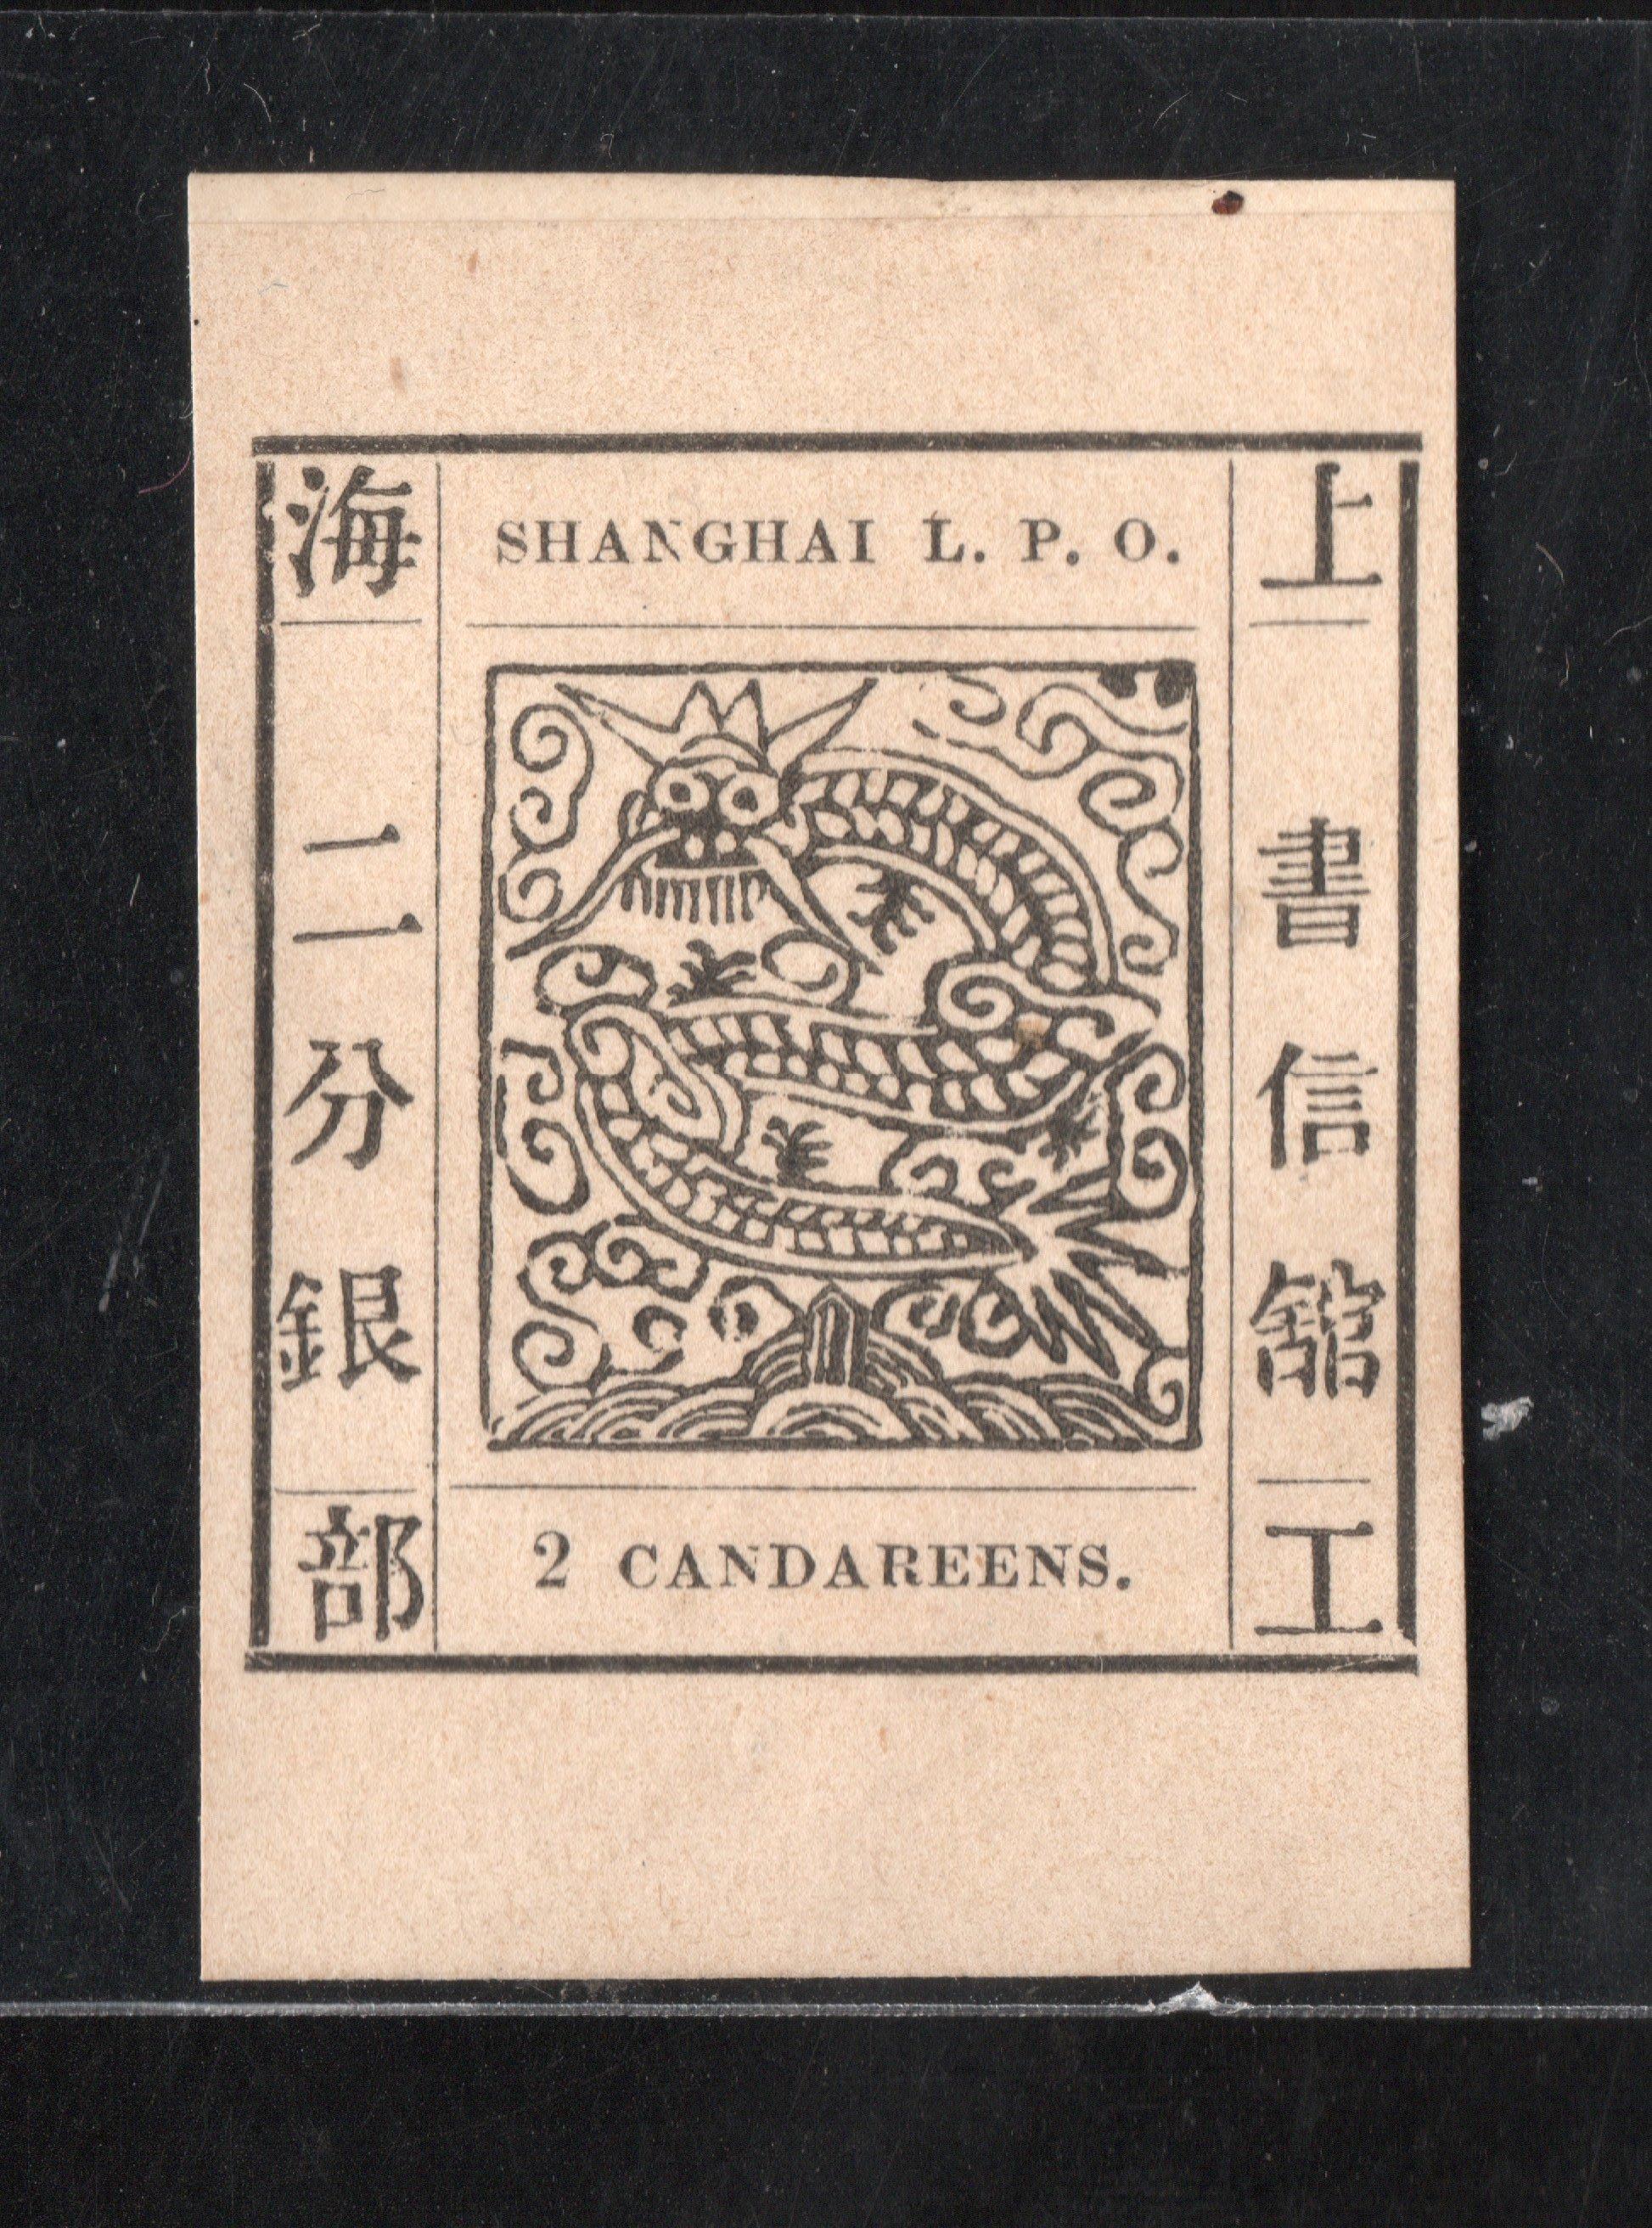 BB4 (代拍品)清代上海工部書信館大龍2分官方複印票版式#S-3新票罕少,品相請詳參各圖示。